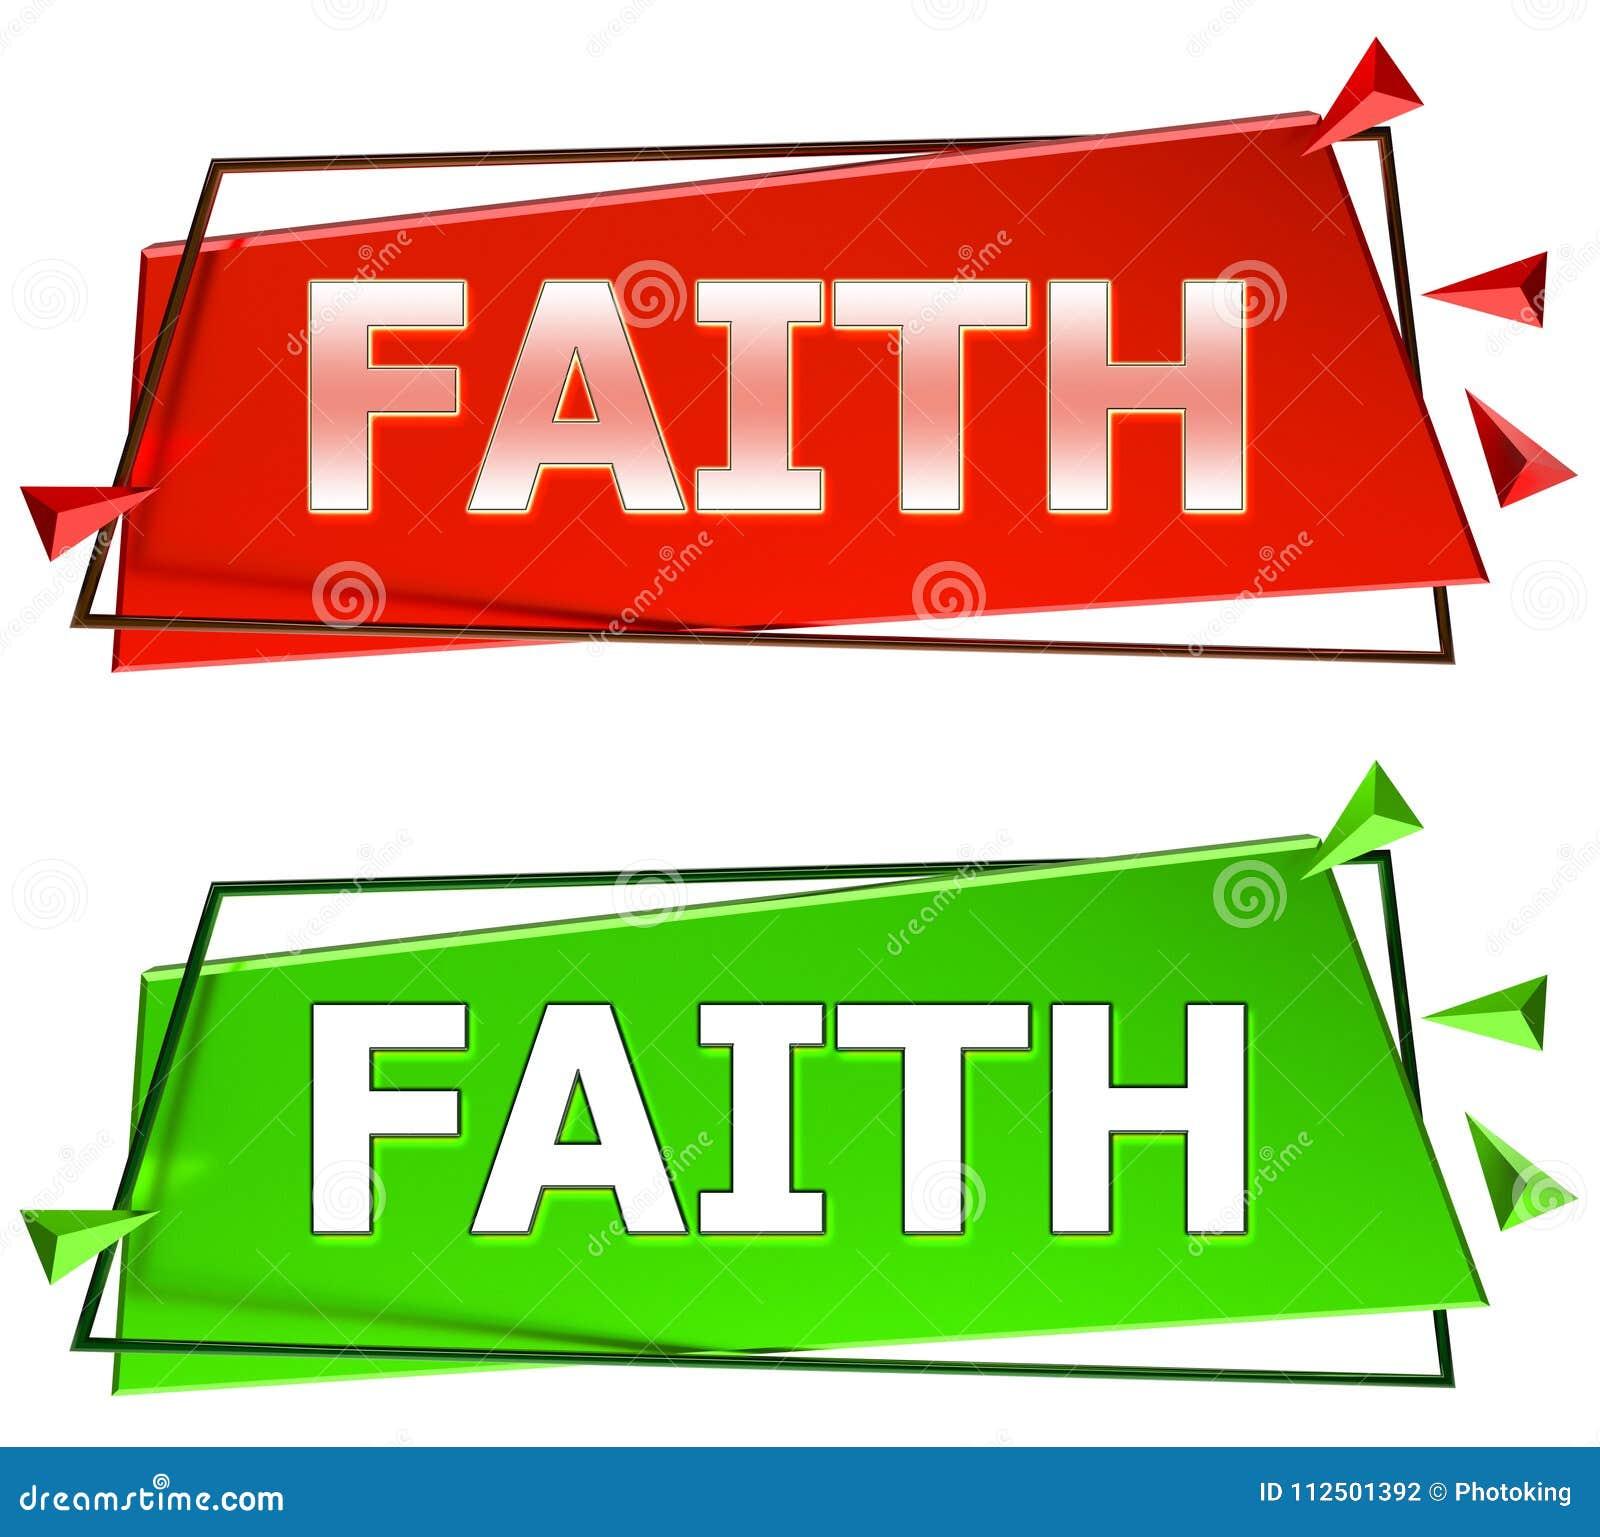 Faith sign stock illustration. Illustration of jesus - 112501392